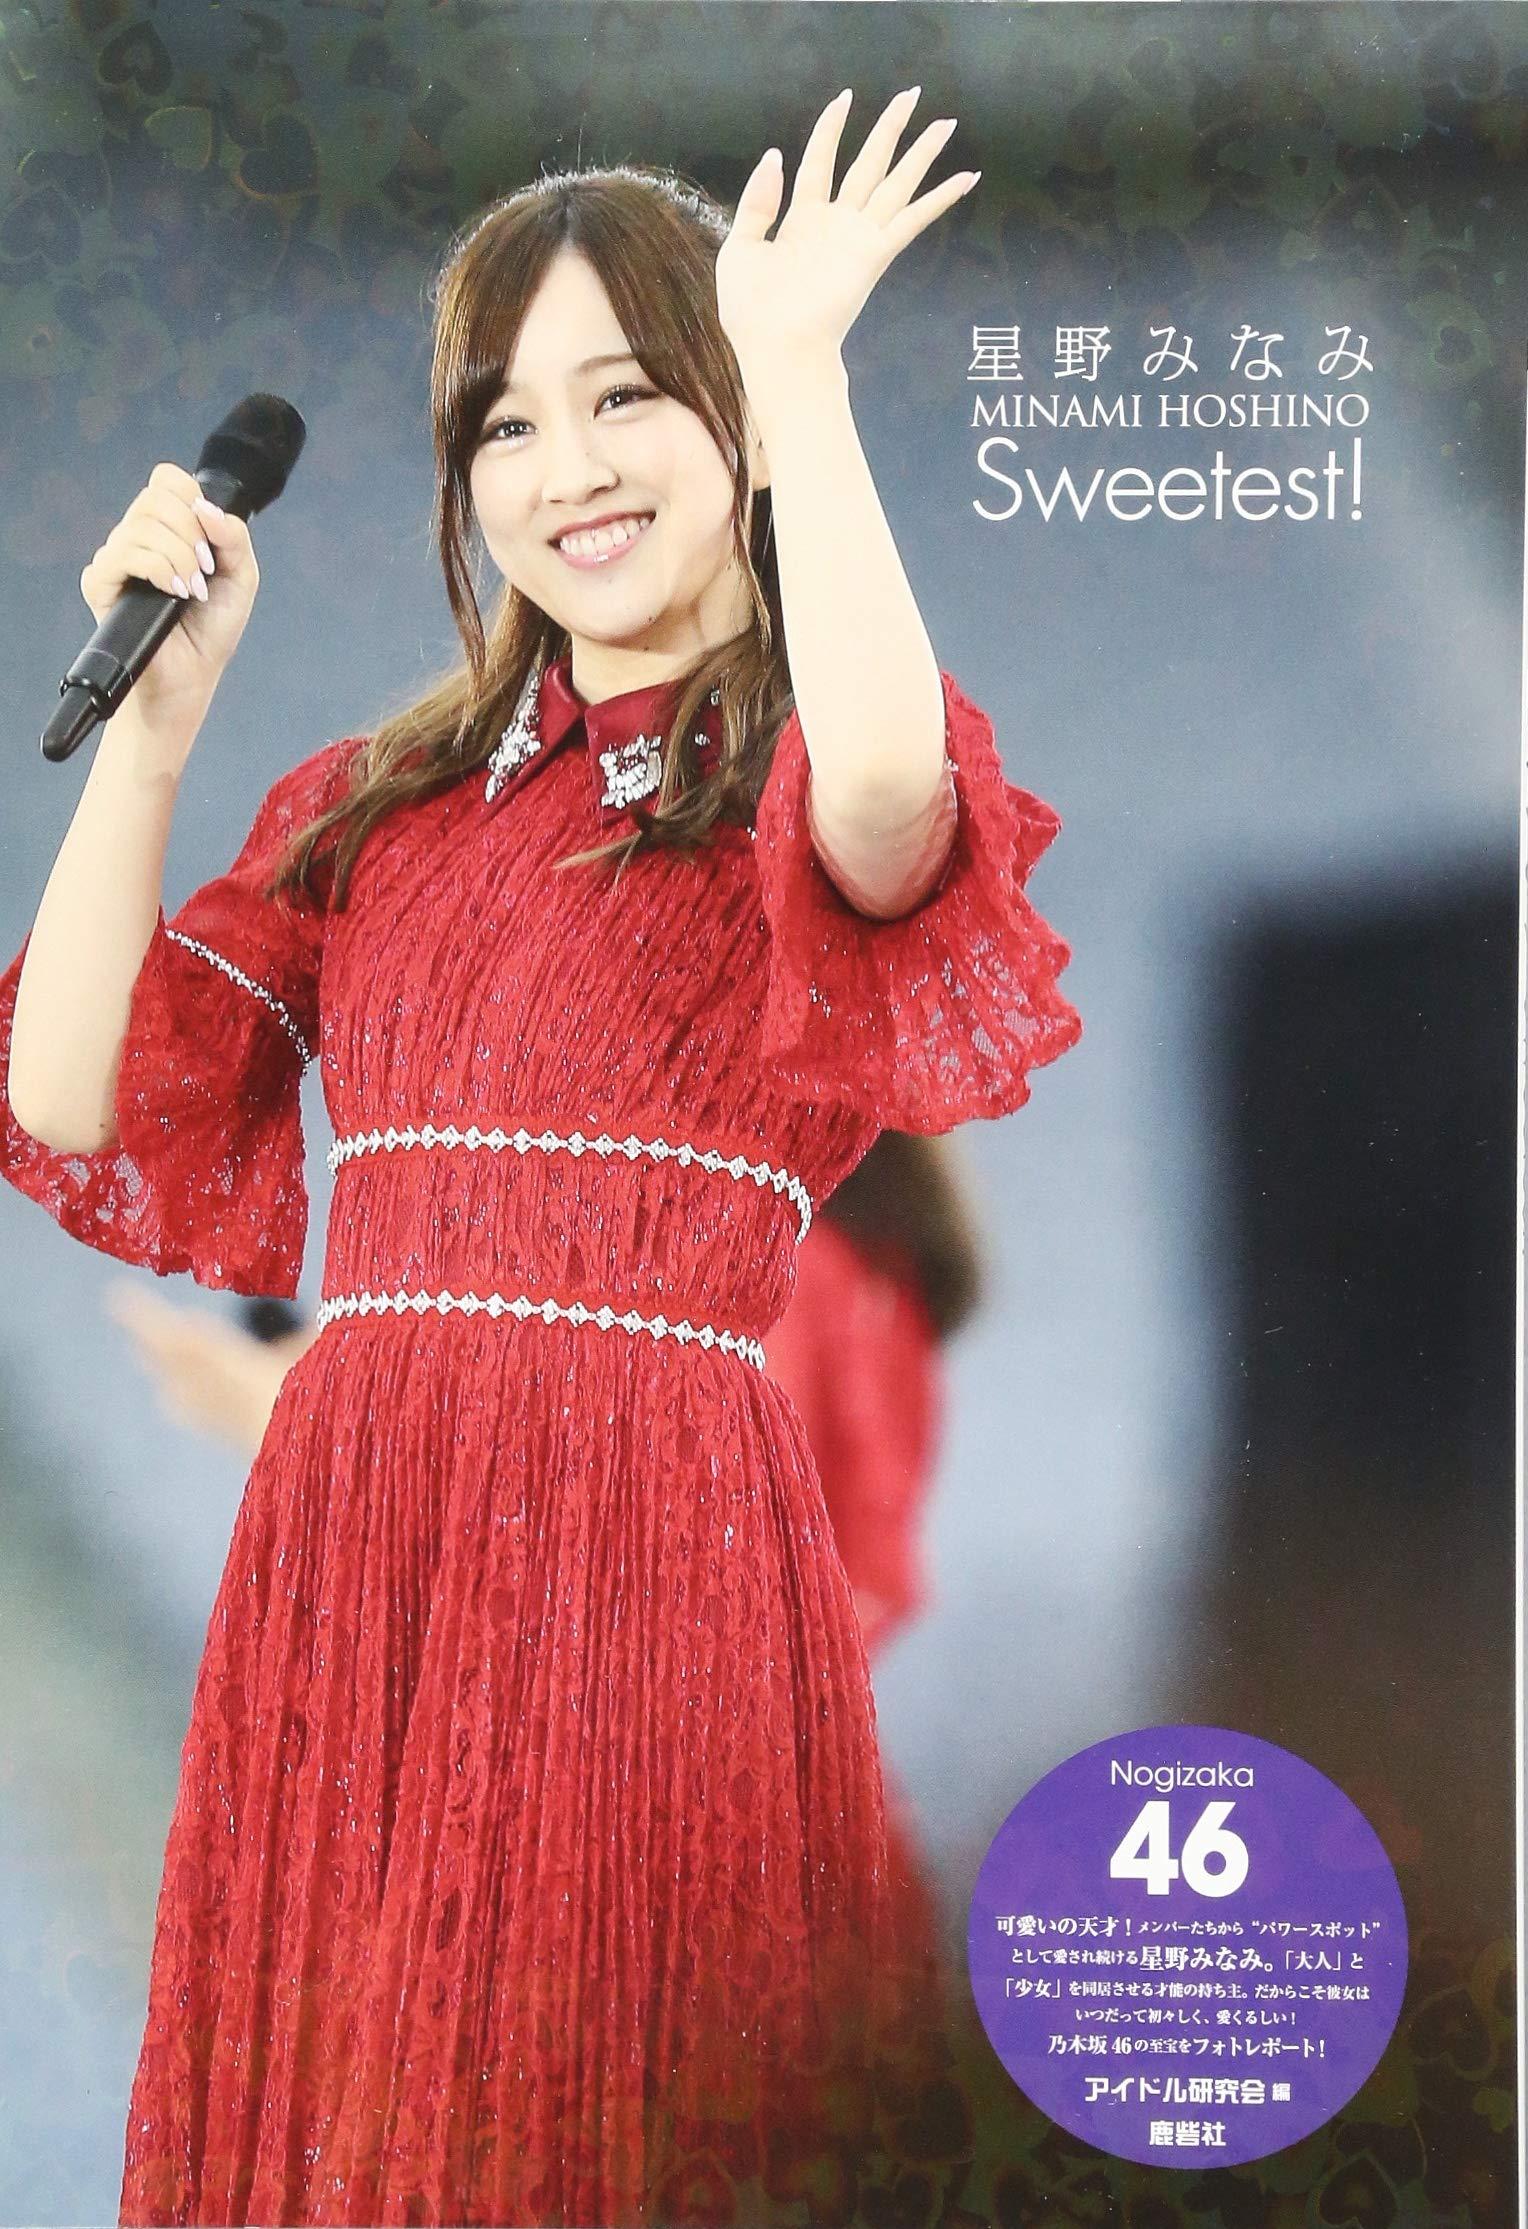 乃木坂46 星野みなみ Sweetest!